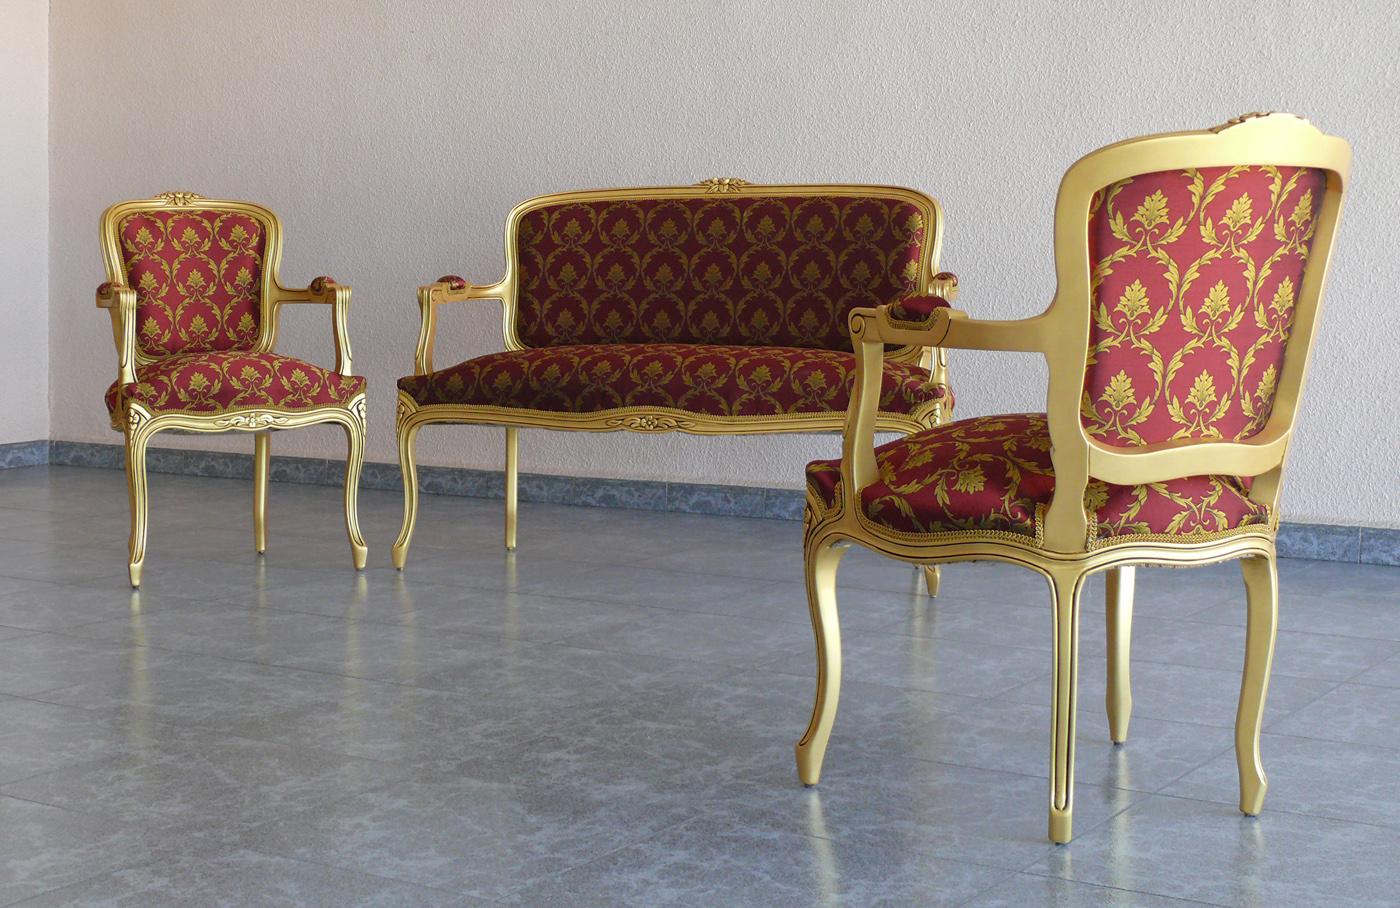 Muebles luis xv burmartapizados for Muebles el tresillo